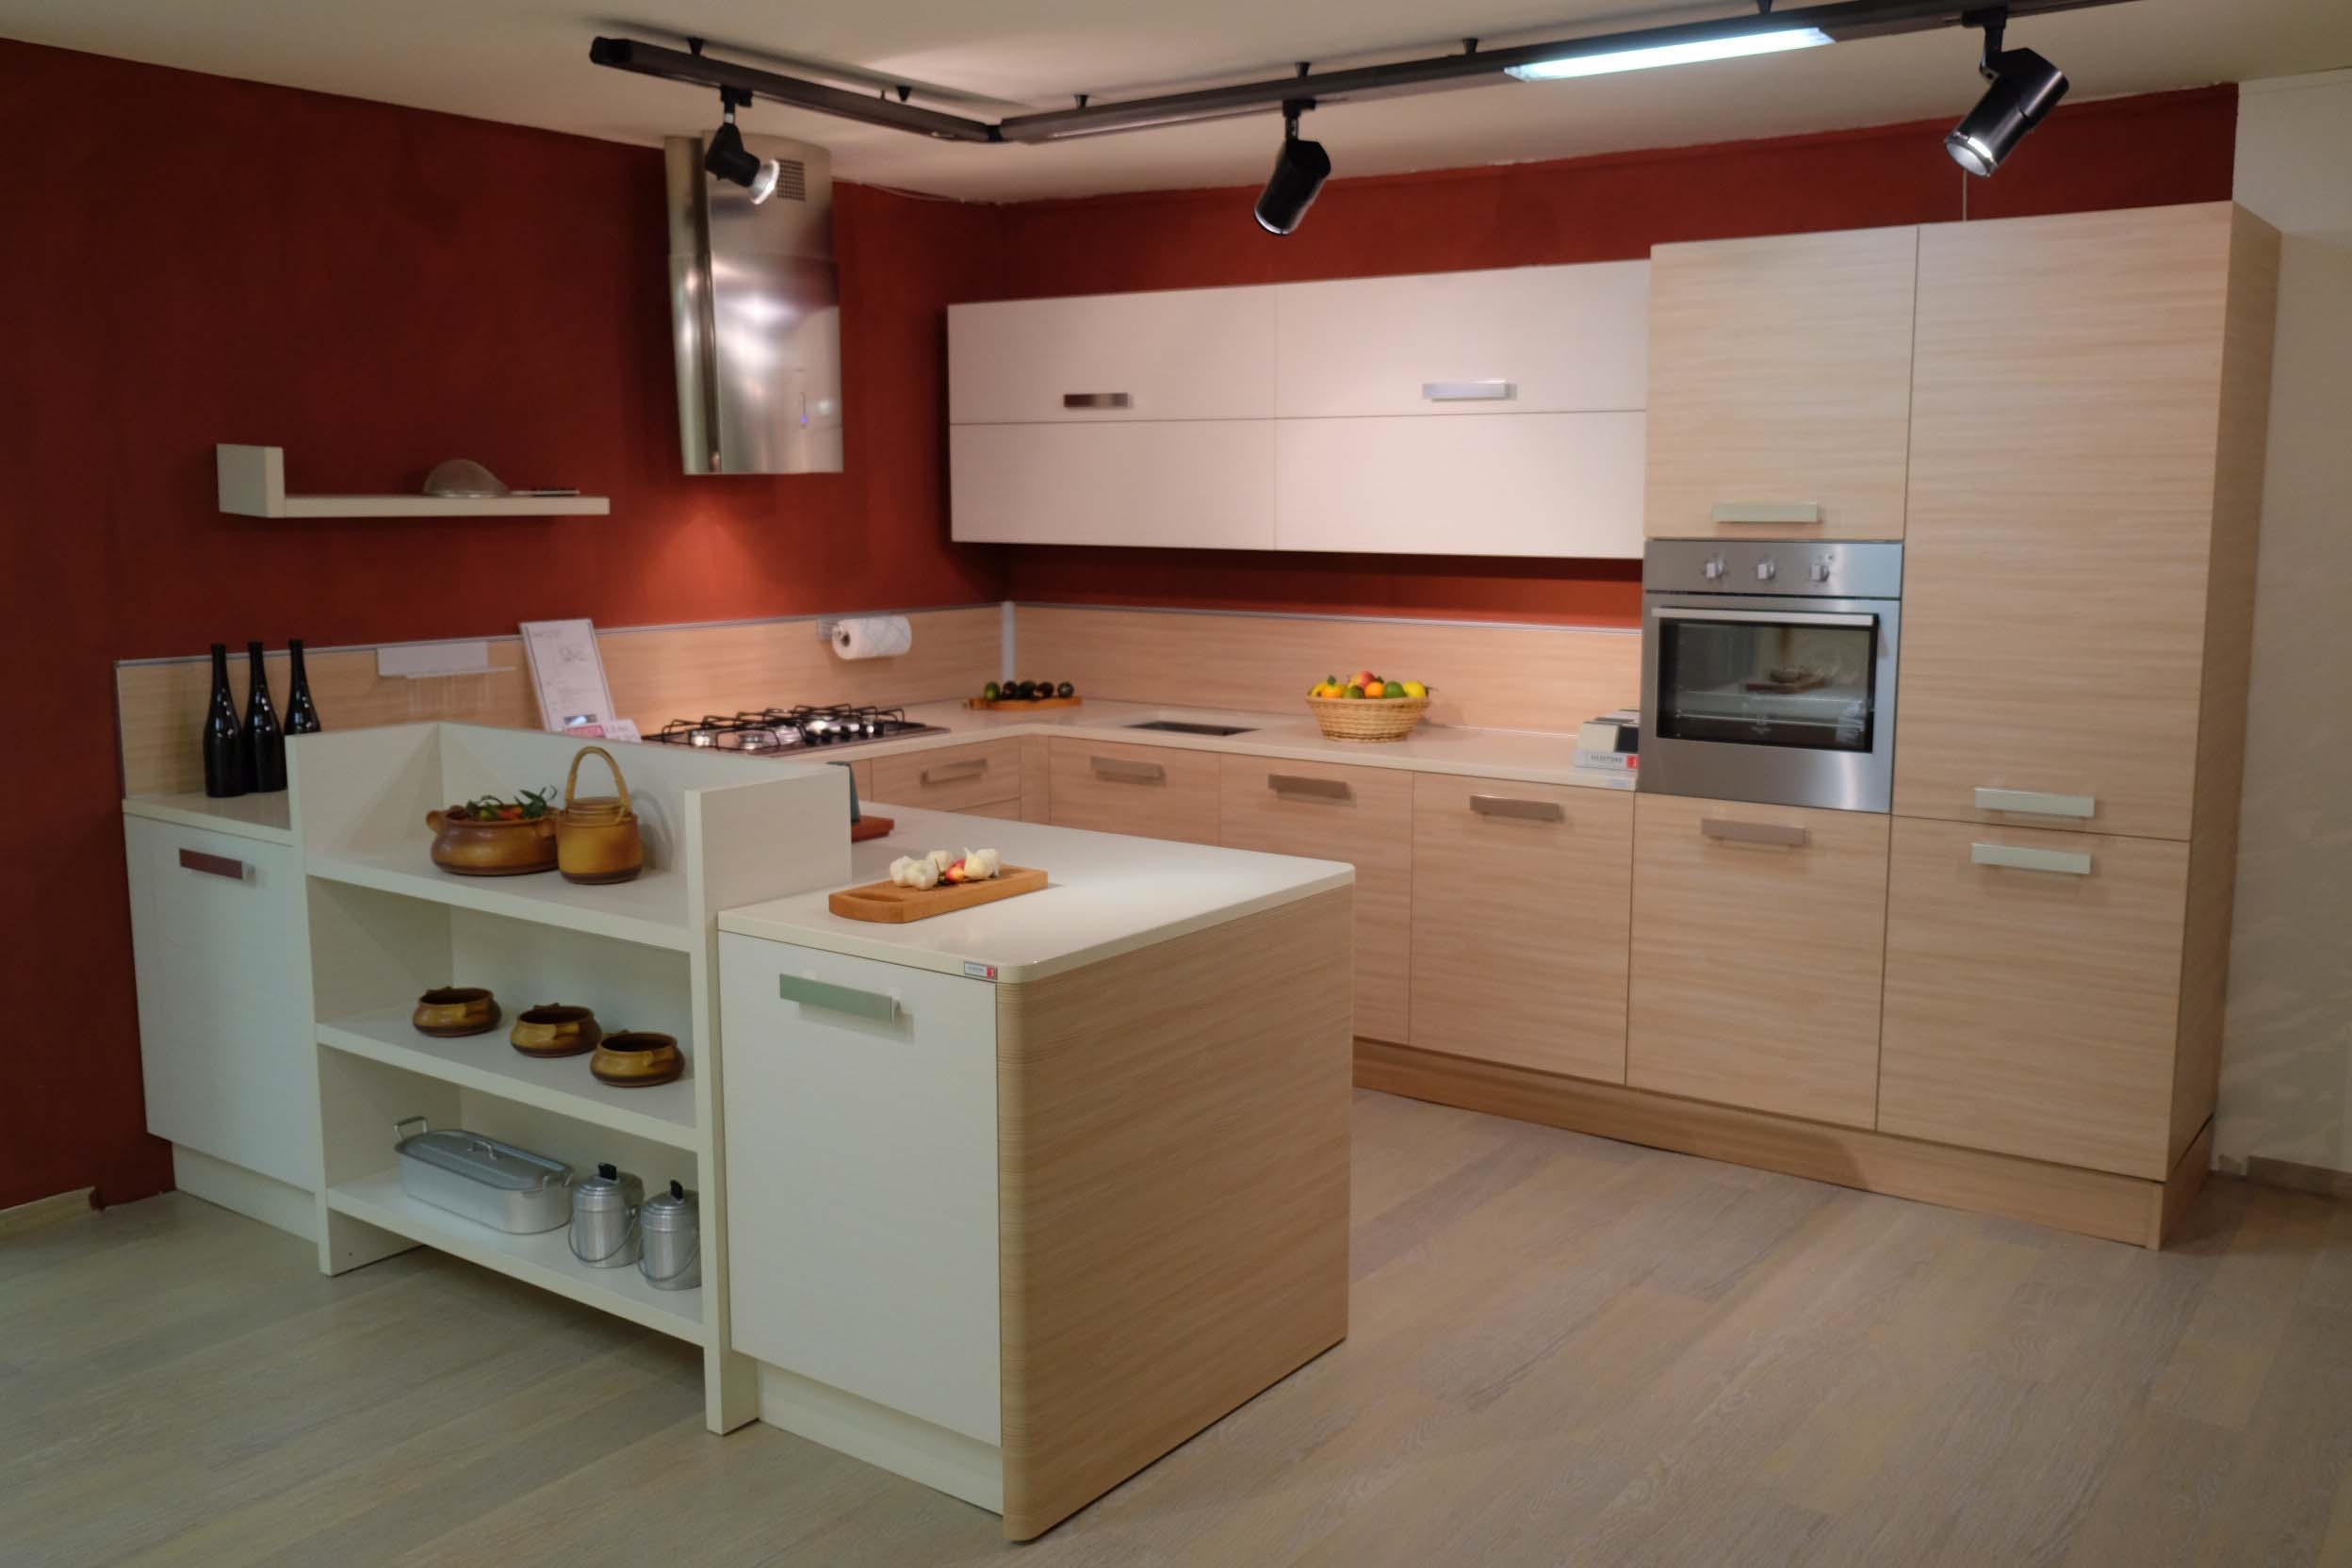 Cucina Moderna Laminato Rovere Moro E Rosso Jpg Pictures To Pin On  #3E1811 2496 1664 Veneta Cucine O Cesar